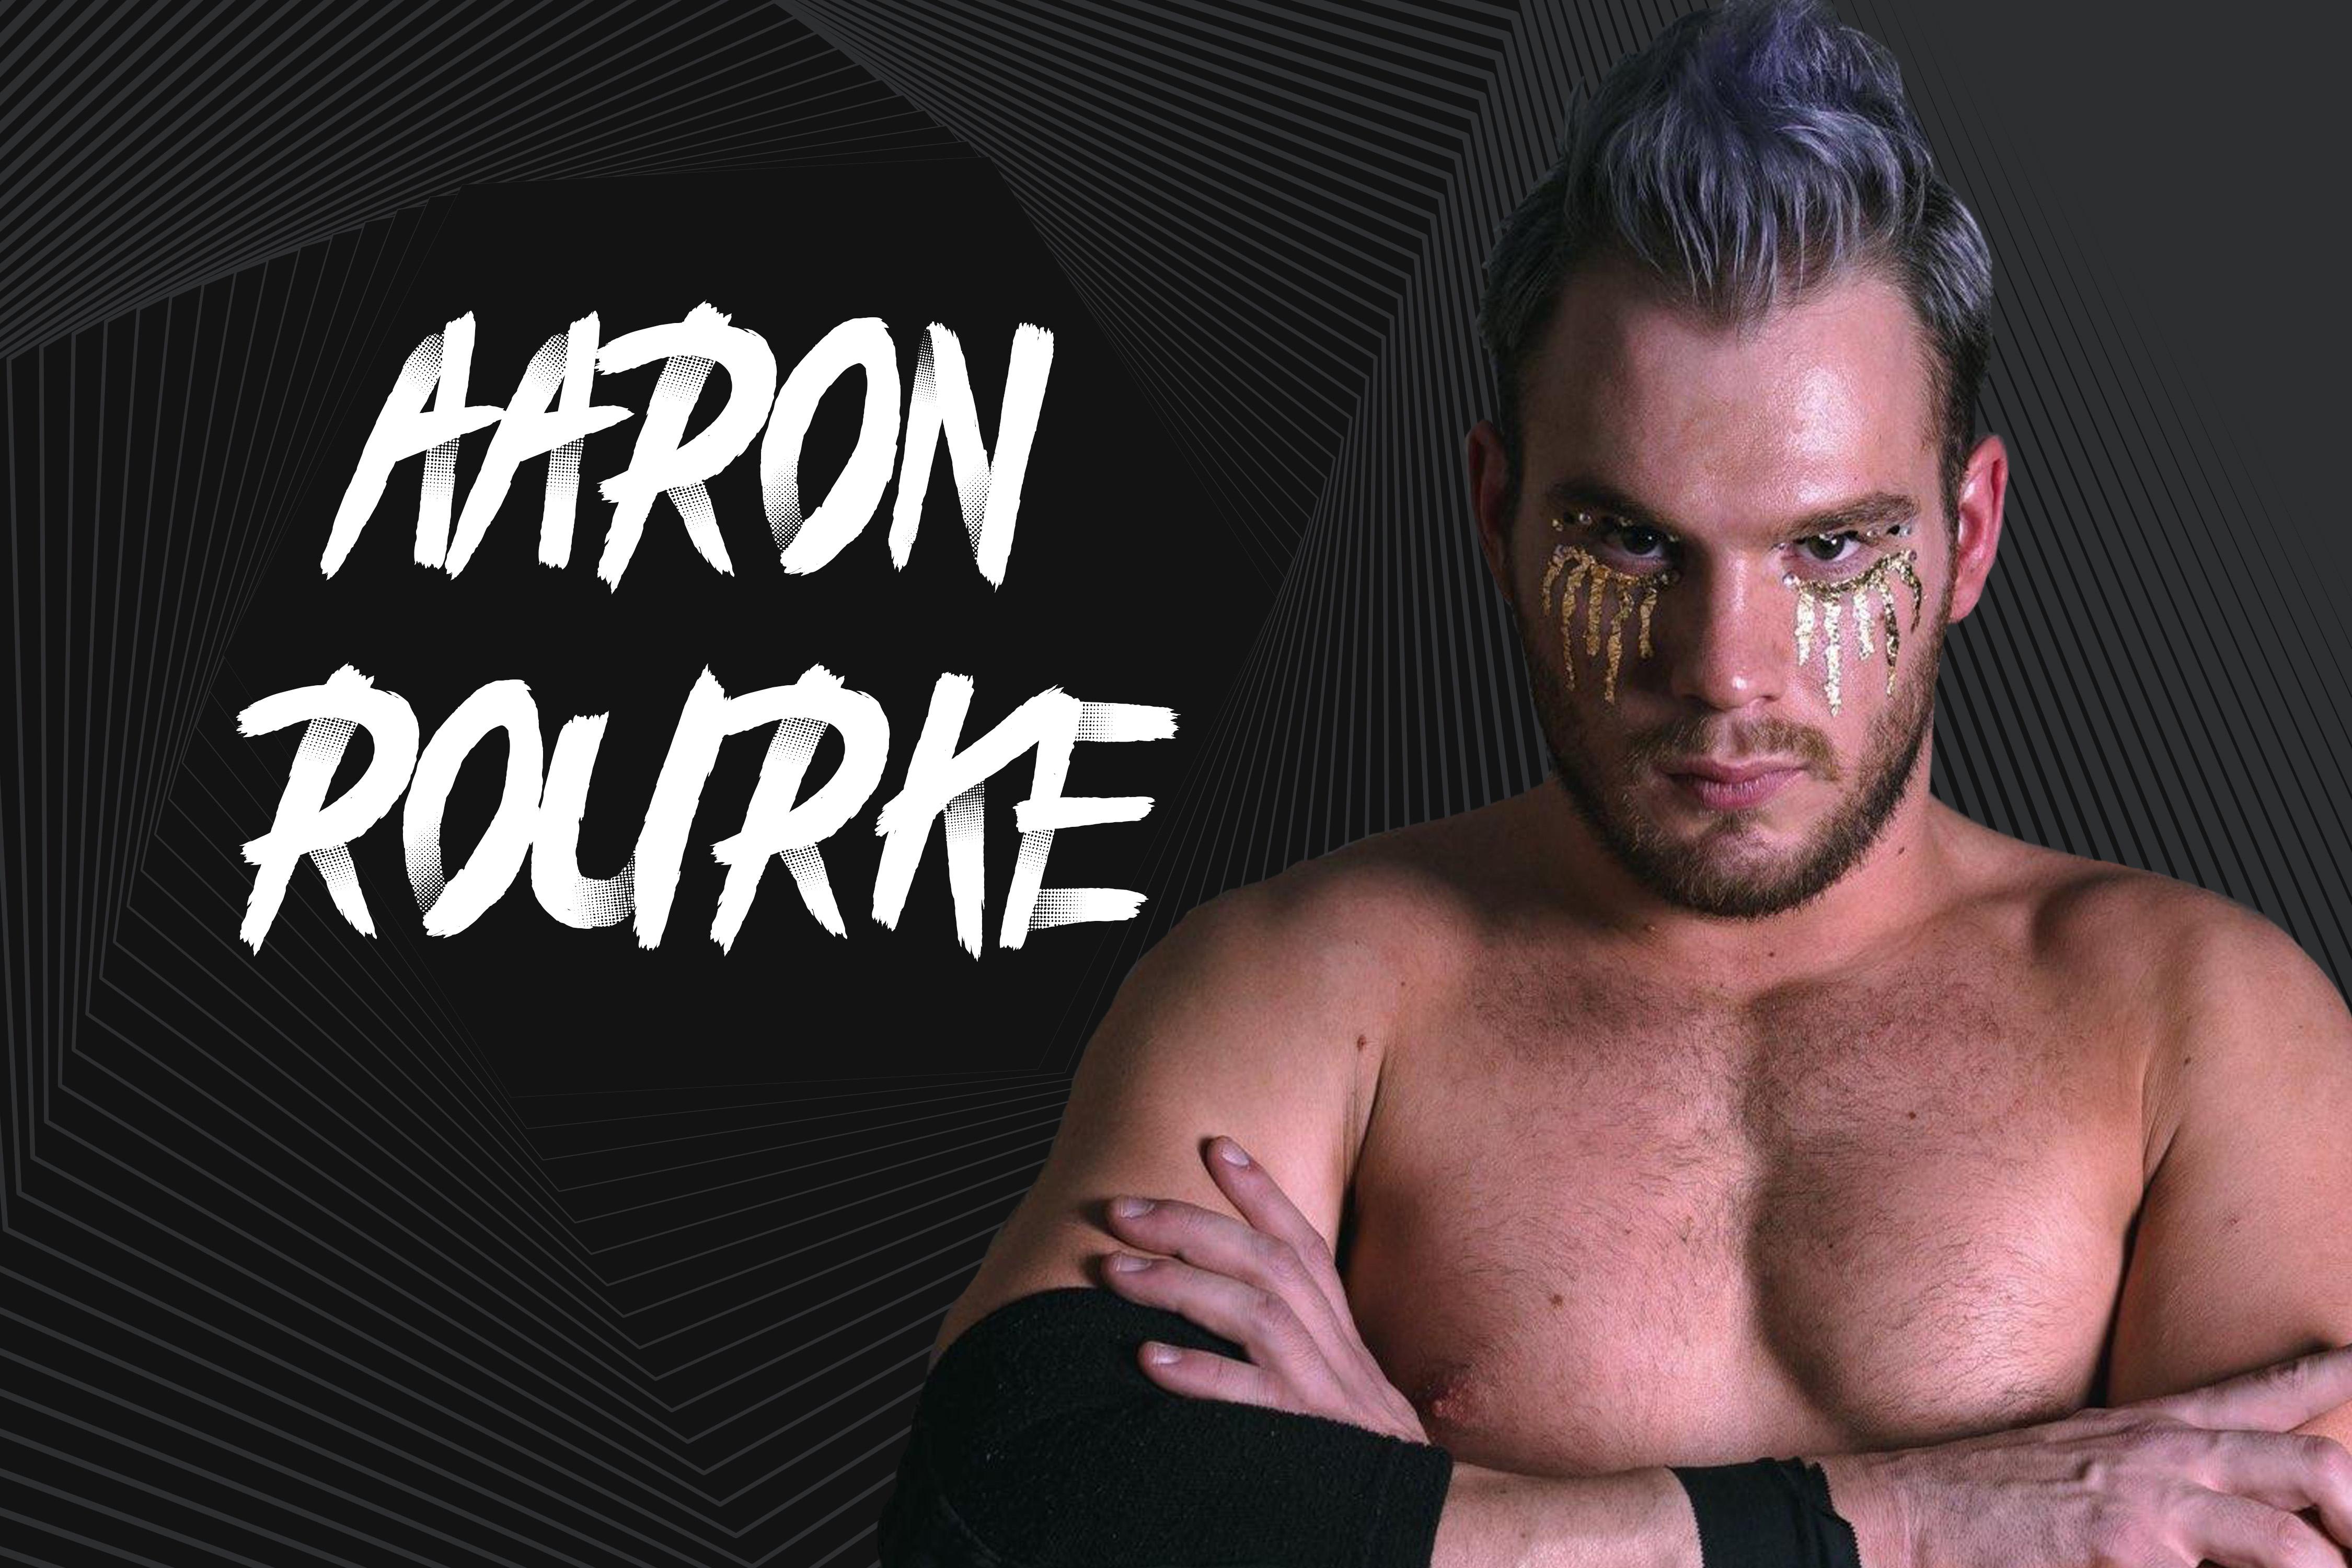 Aaron Rourke